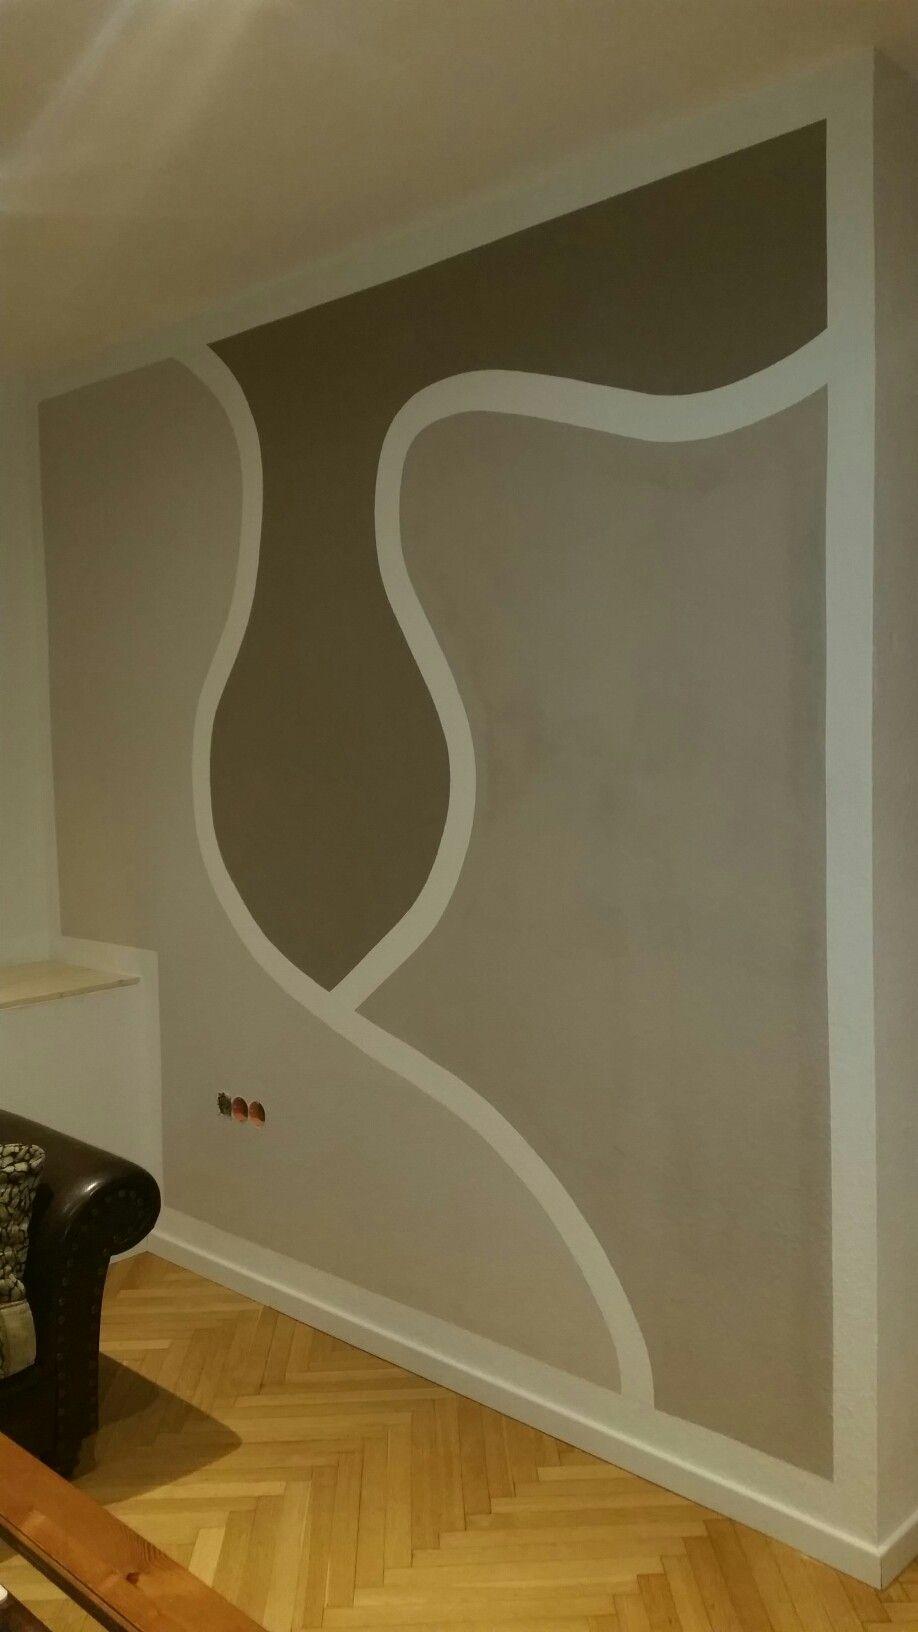 Wohnzimmer Wandgestaltung Muster in 2019 | Wandgestaltung ...